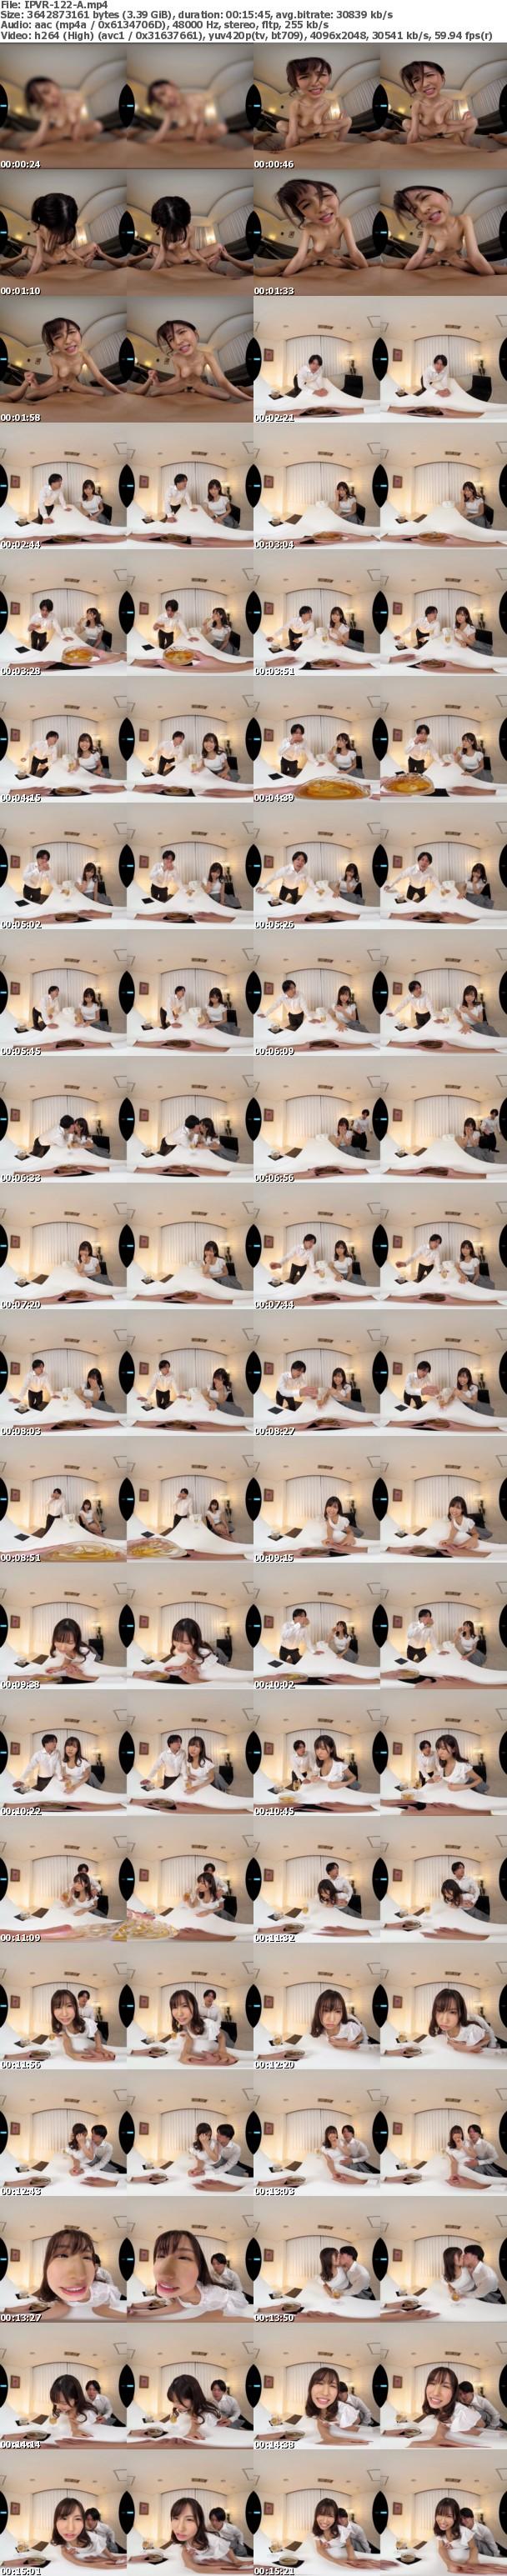 (VR) IPVR-122 巨乳ヤリマン数珠繋ぎ パコ友の淫乱セフレとノリ3P!!欲求果てない彼女に誘われ朝まで独占ヤリまくりSEX 逆お持ち帰りVR 桜空もも